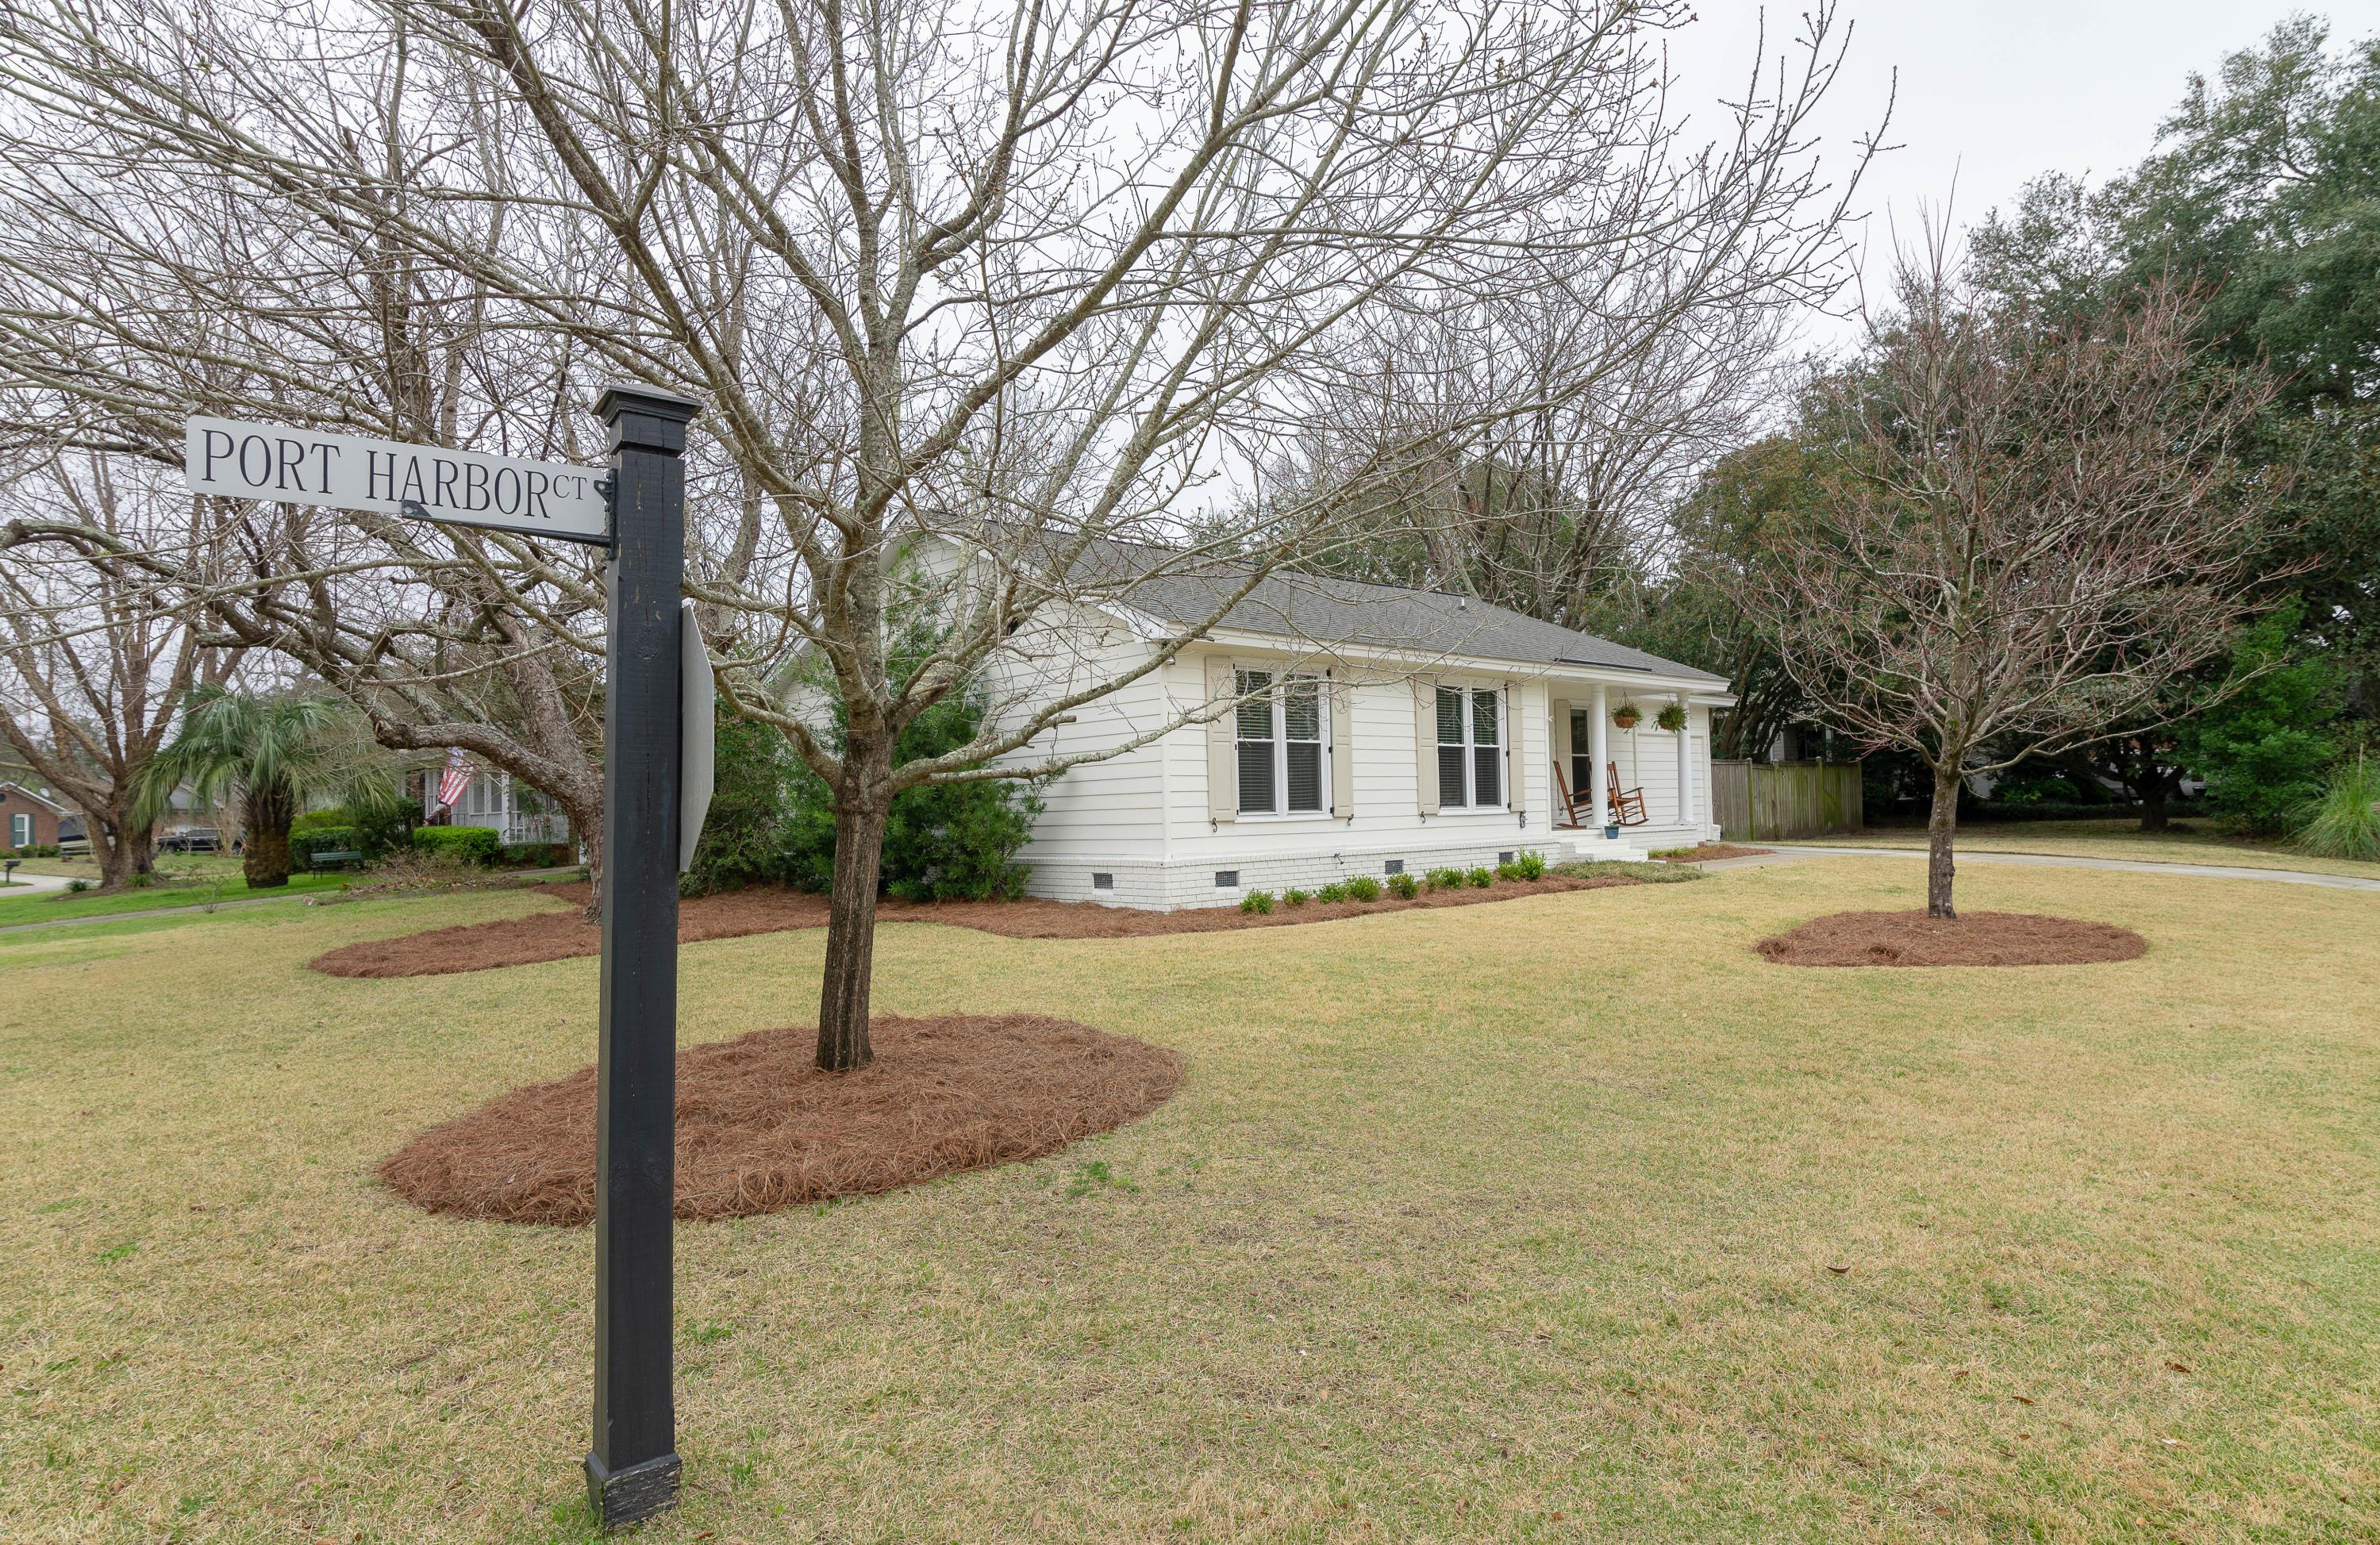 Harborgate Shores Homes For Sale - 1107 Port Harbor, Mount Pleasant, SC - 9